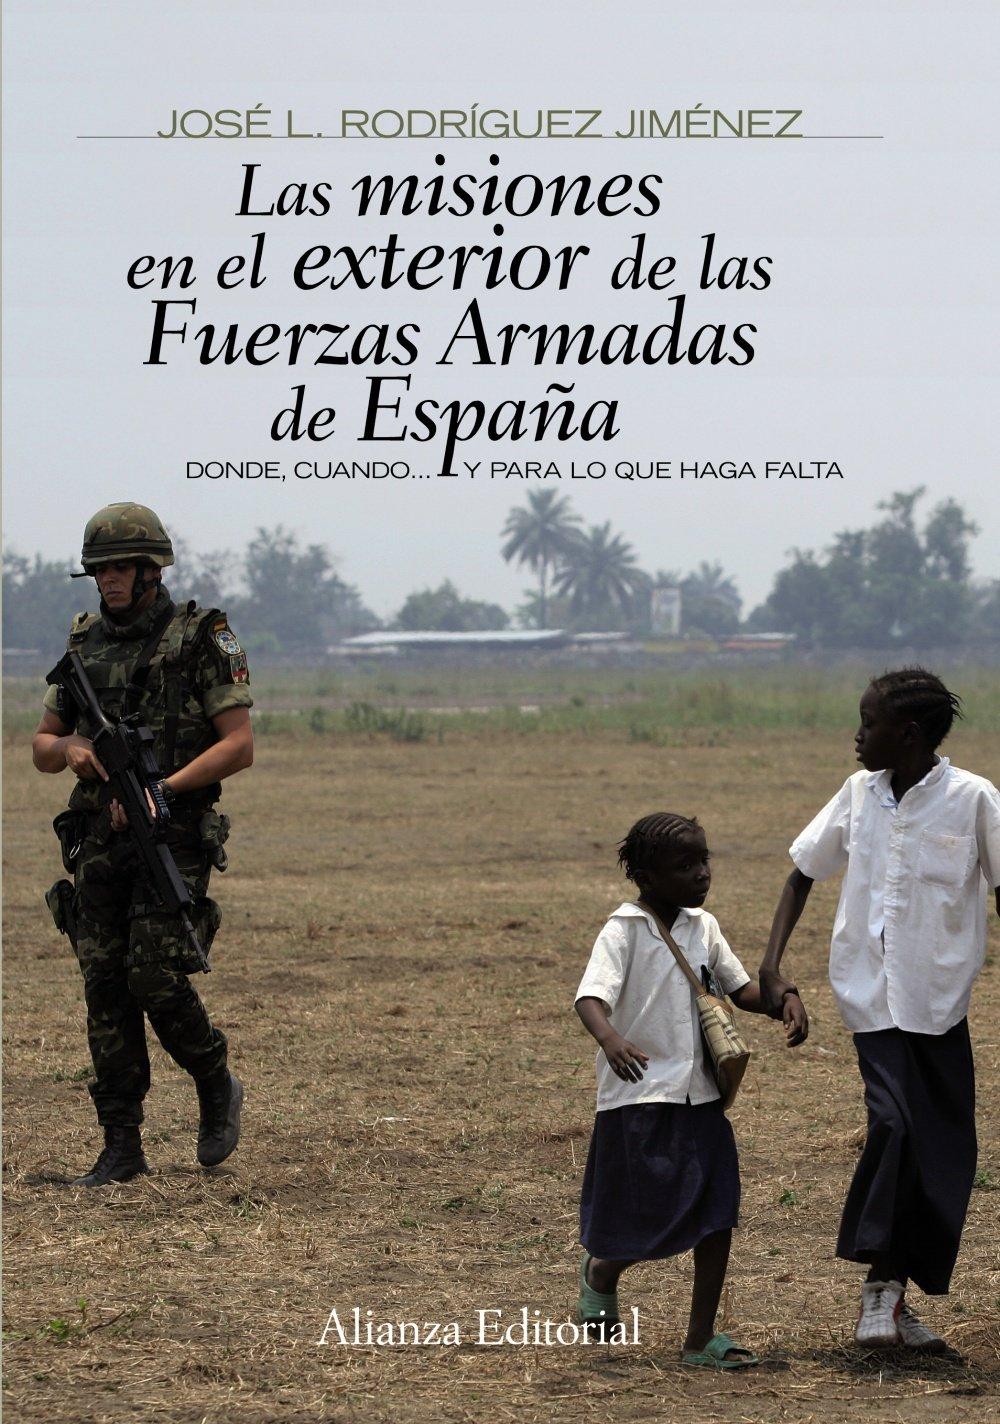 Las misiones en el exterior de las Fuerzas Armadas de España: Donde, cuando... y para lo que haga falta Alianza Ensayo: Amazon.es: Rodríguez Jiménez, José L.: Libros